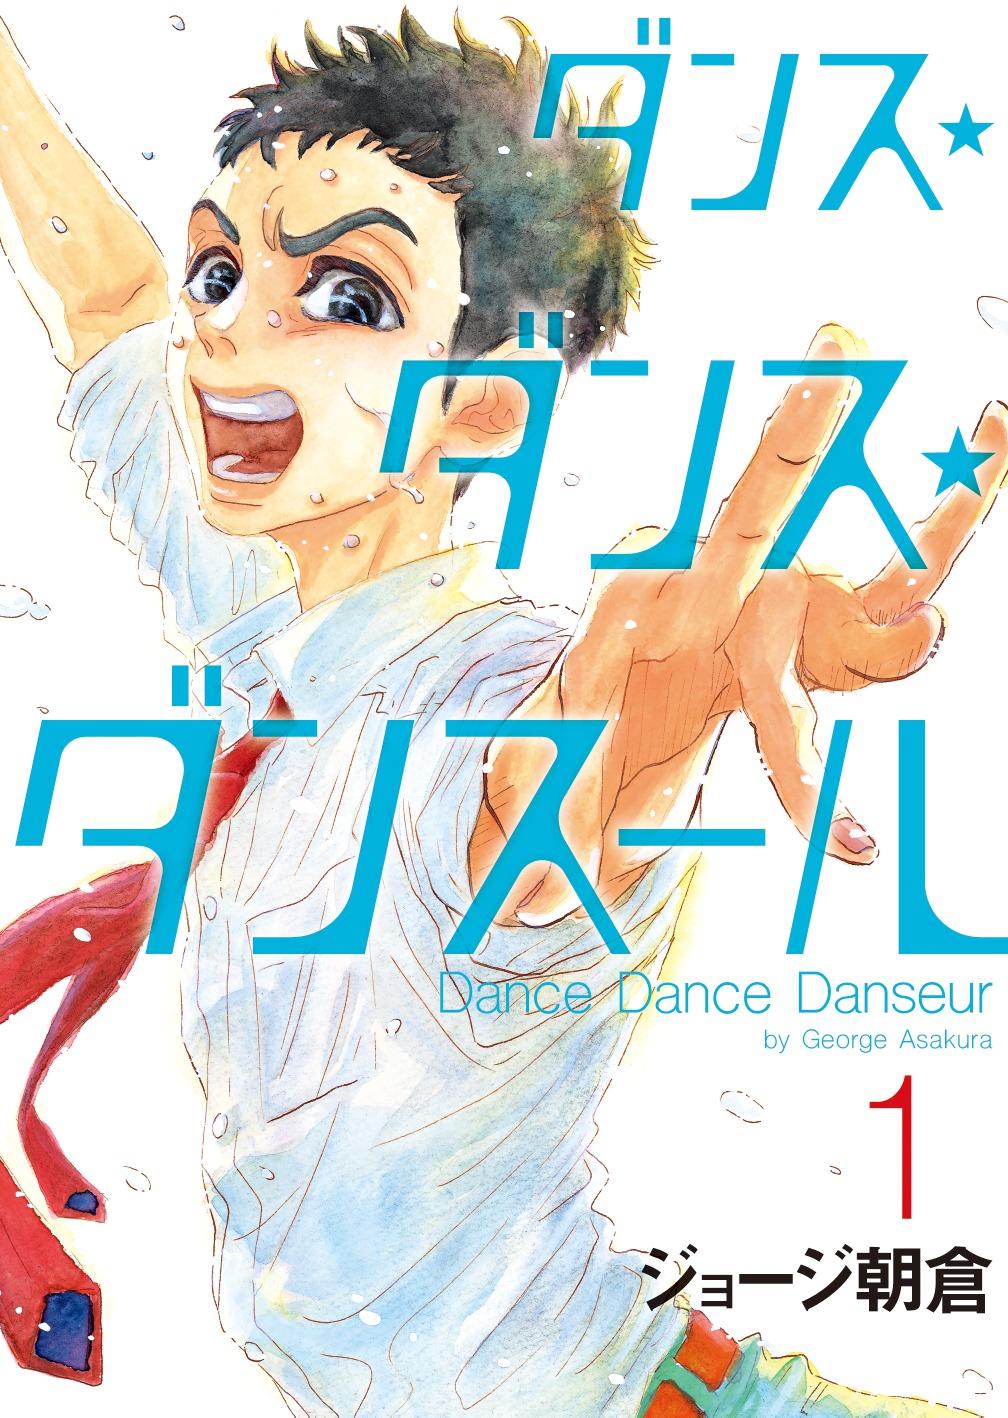 ジョージ朝倉先生「ダンス・ダンス・ダンスール」1巻表紙